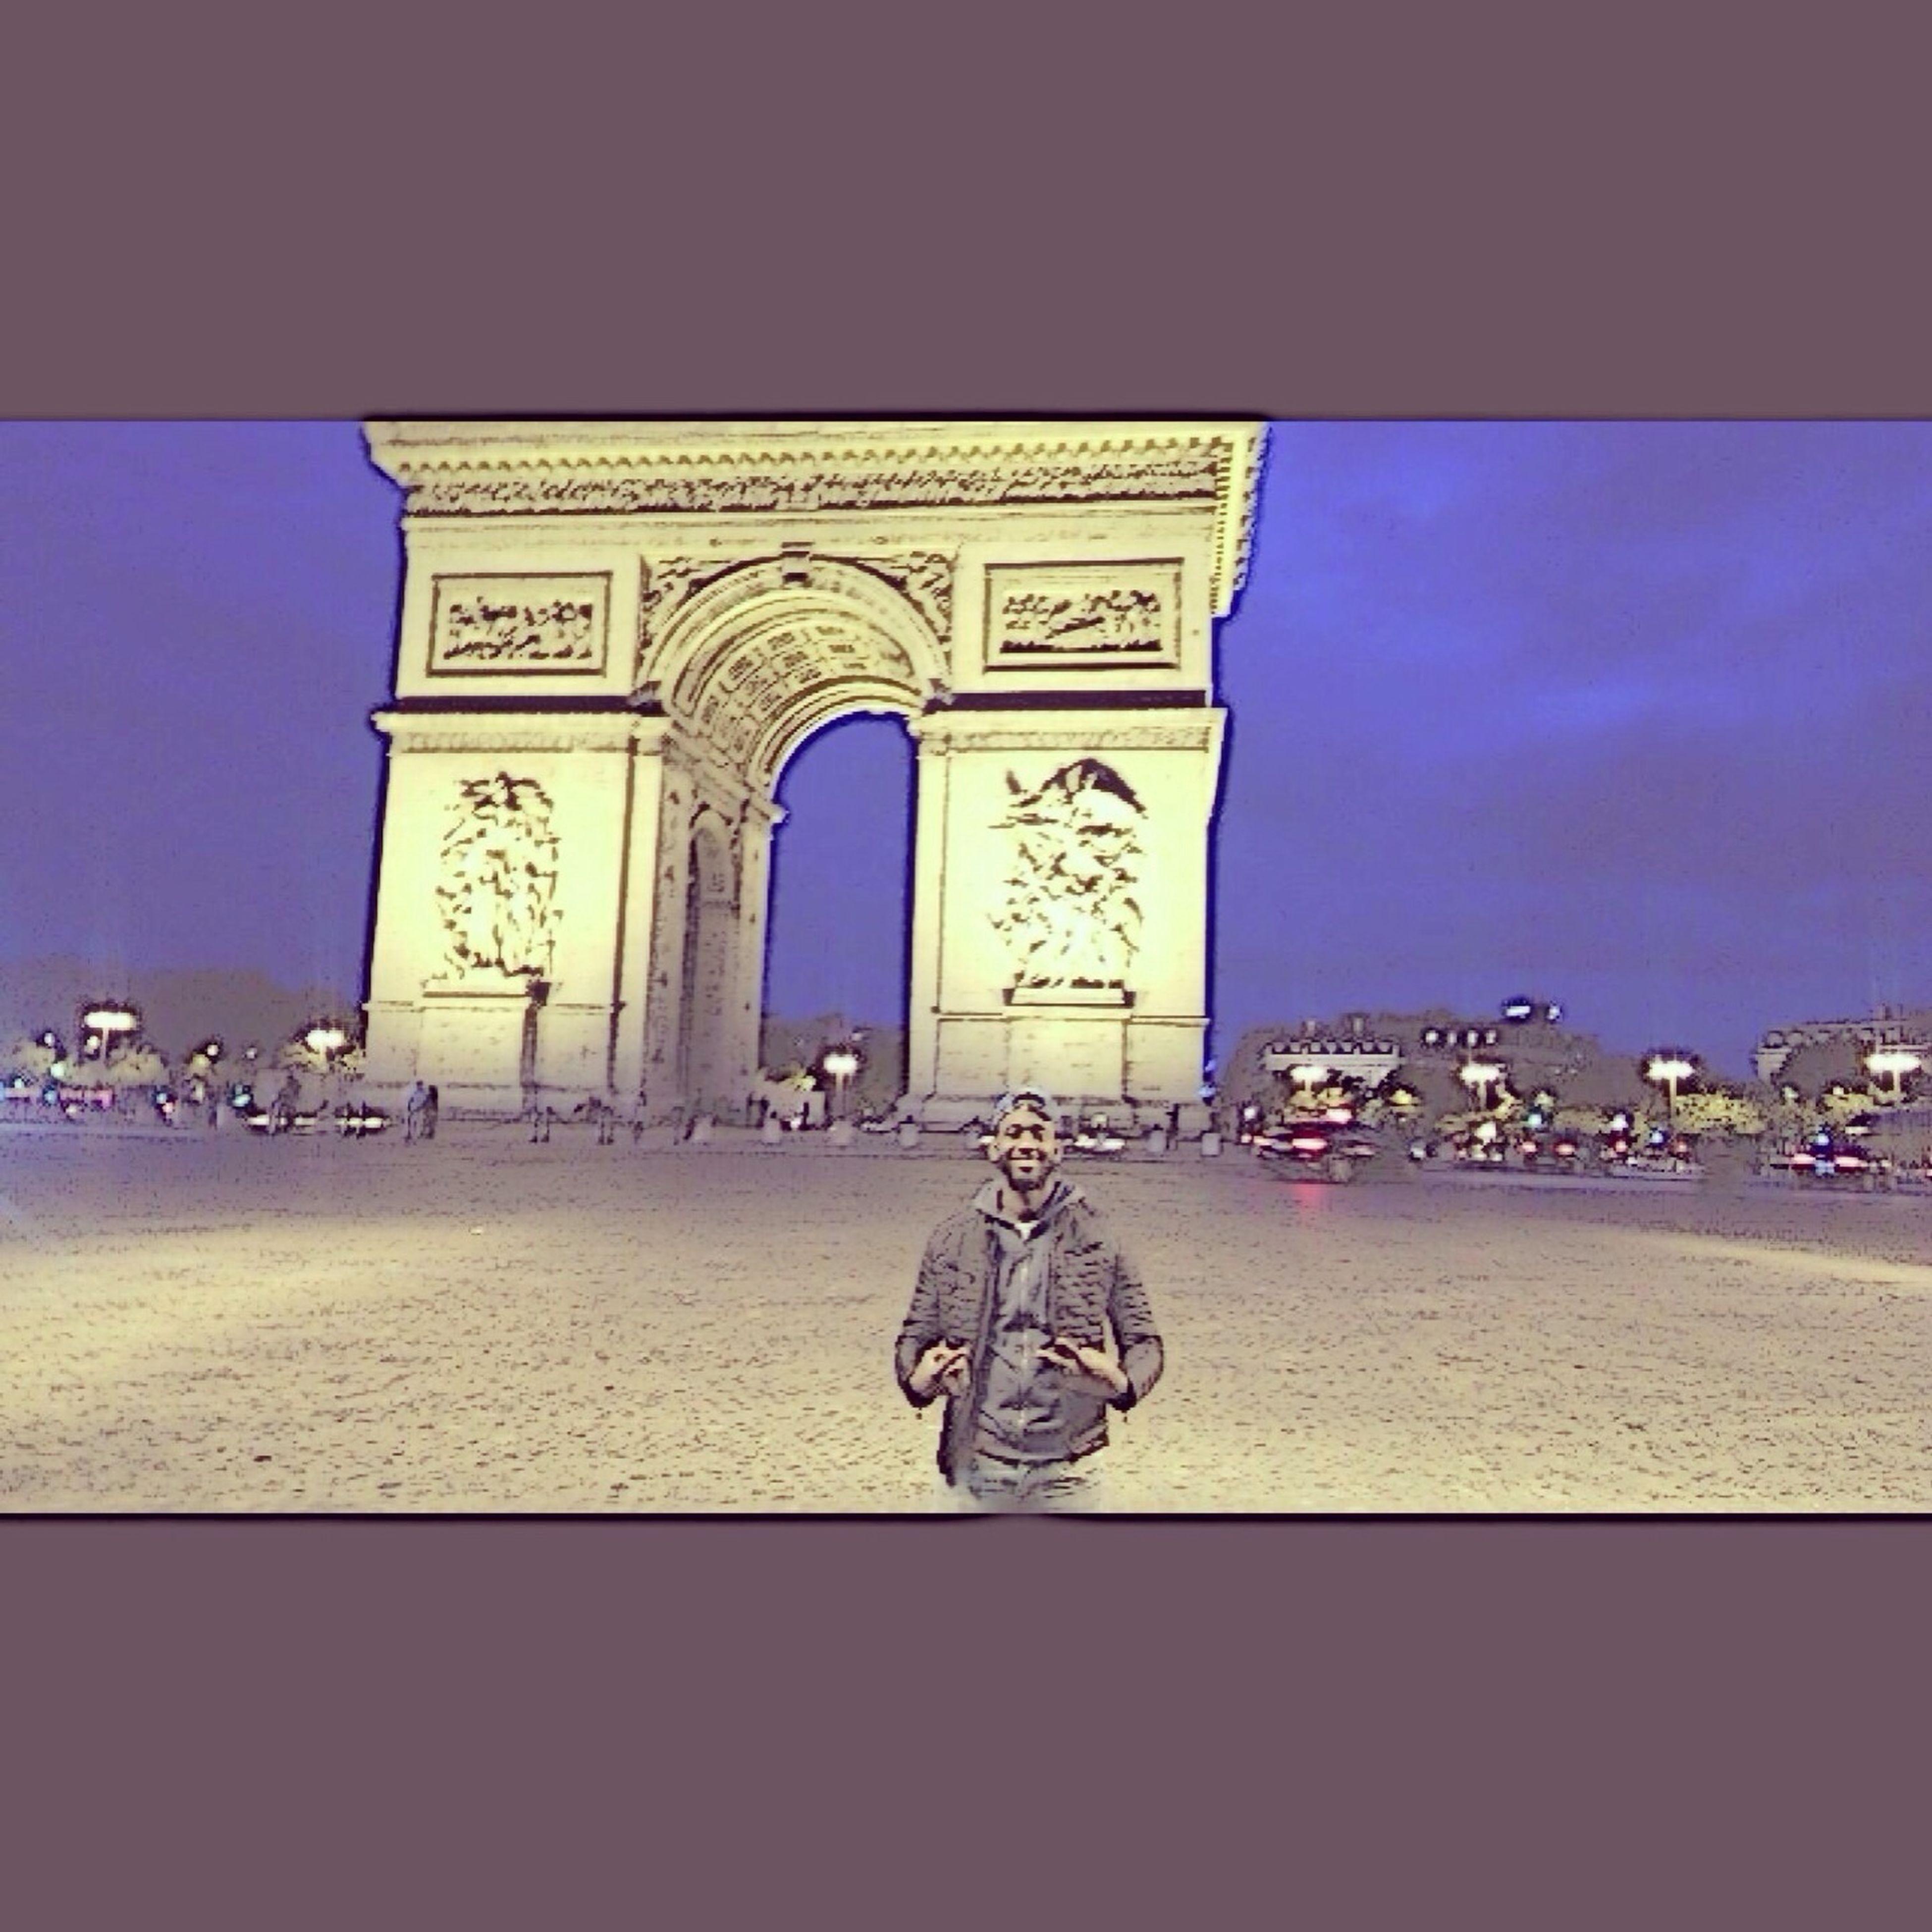 Après-midi au Charles des Gaulle étoile ???❤️?? #paris#frenchGirl#love#style#teamPSG#petit soirée